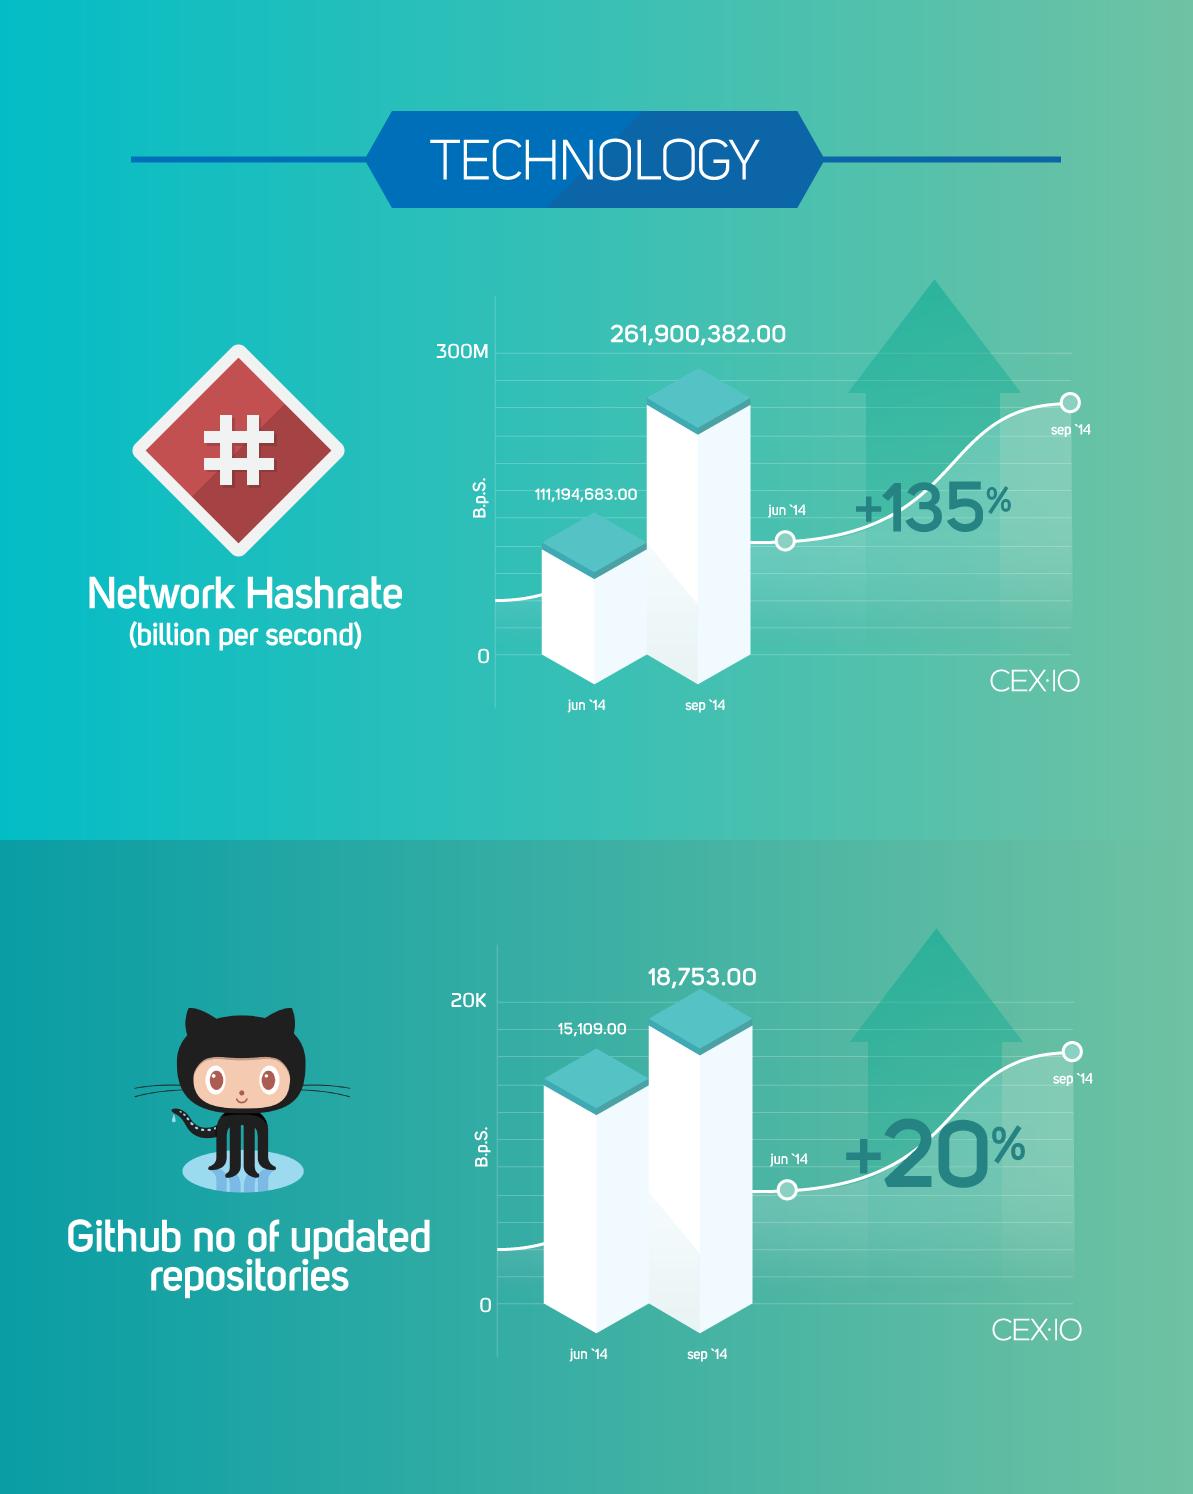 CEX-blog-infograph-technology